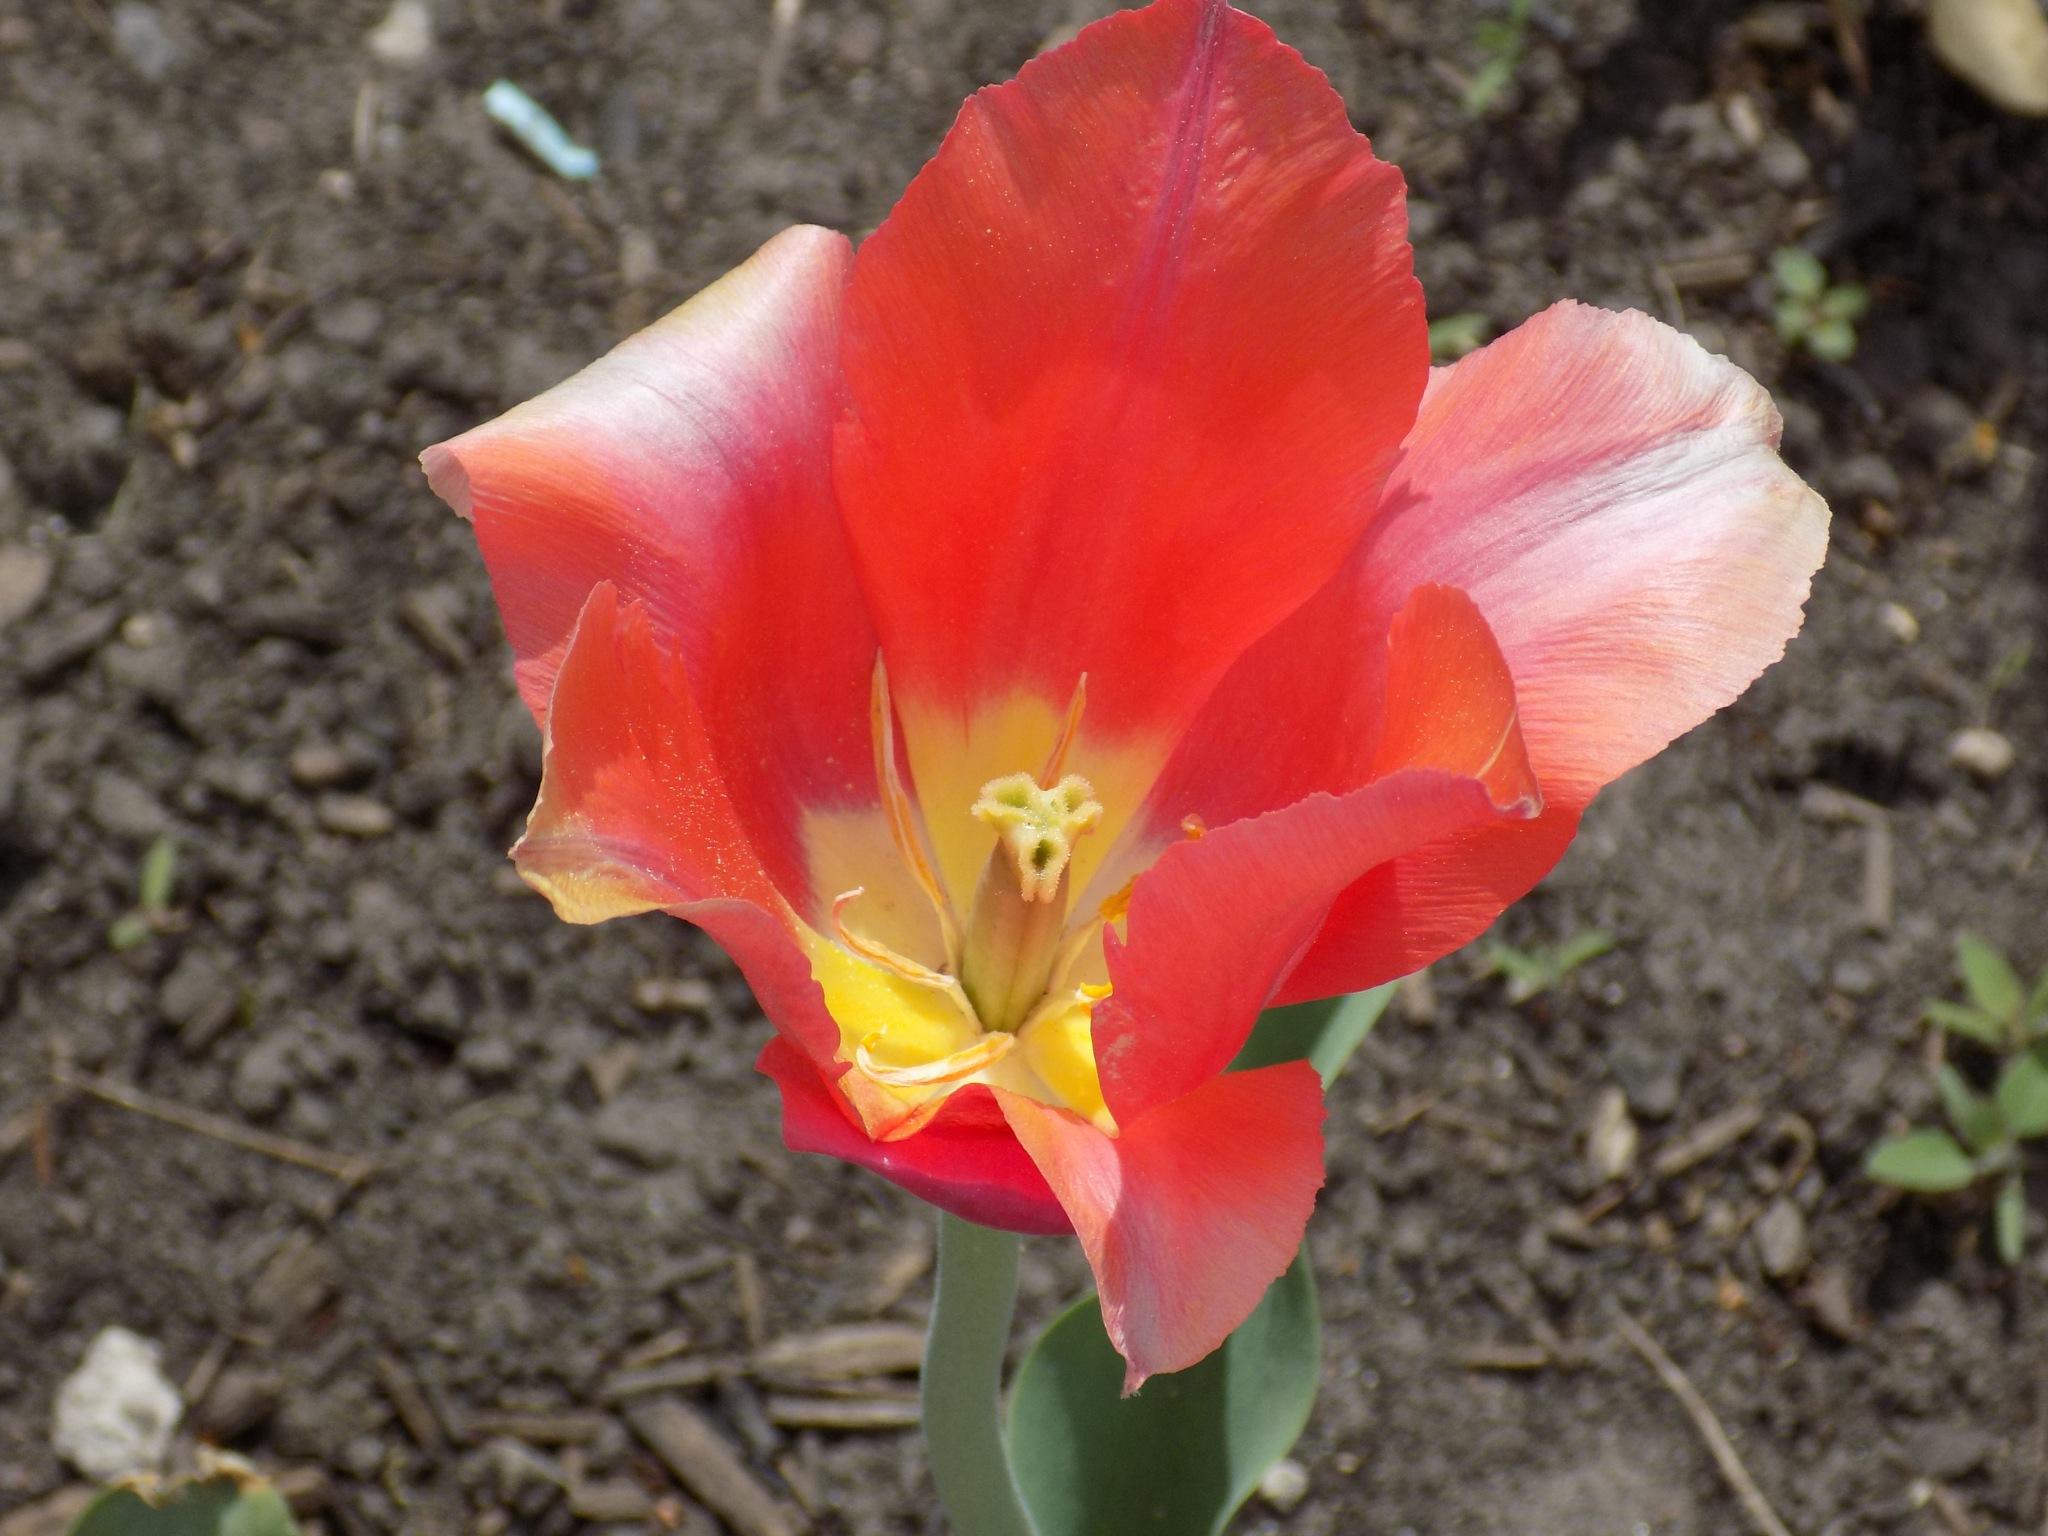 Tulip by uzkuraitiene62